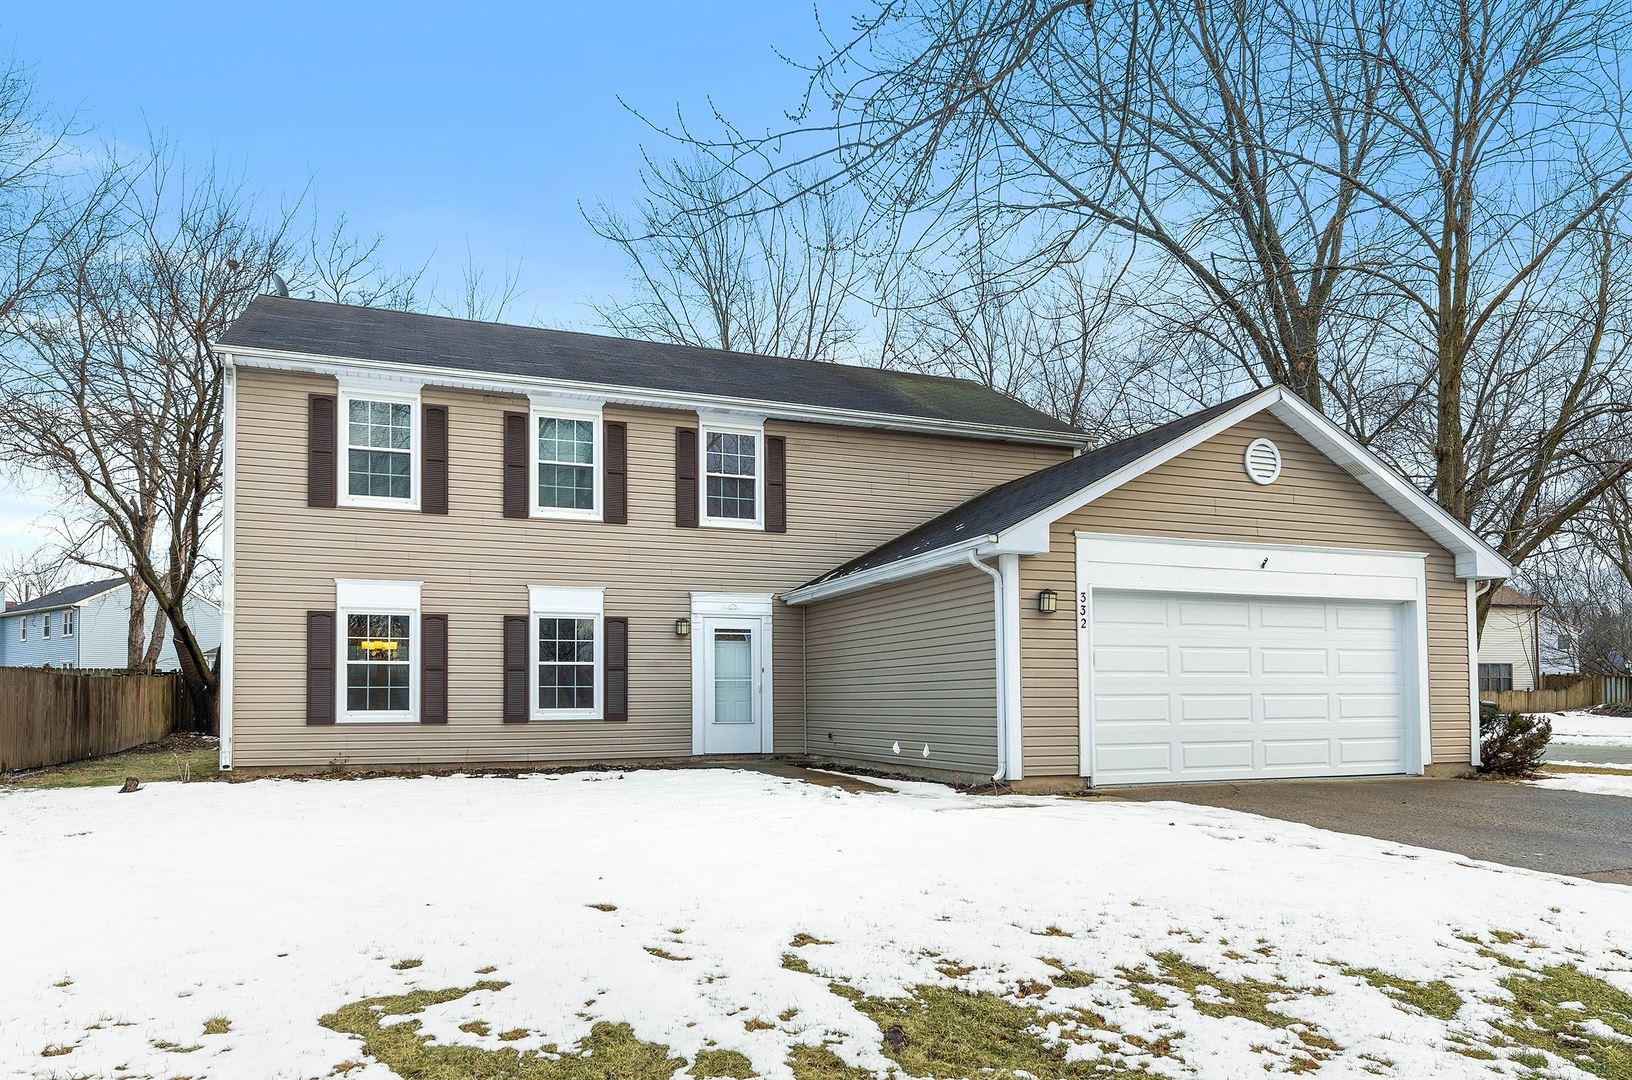 Photo of 332 Applewood Drive, Bolingbrook, IL 60440 (MLS # 10970945)